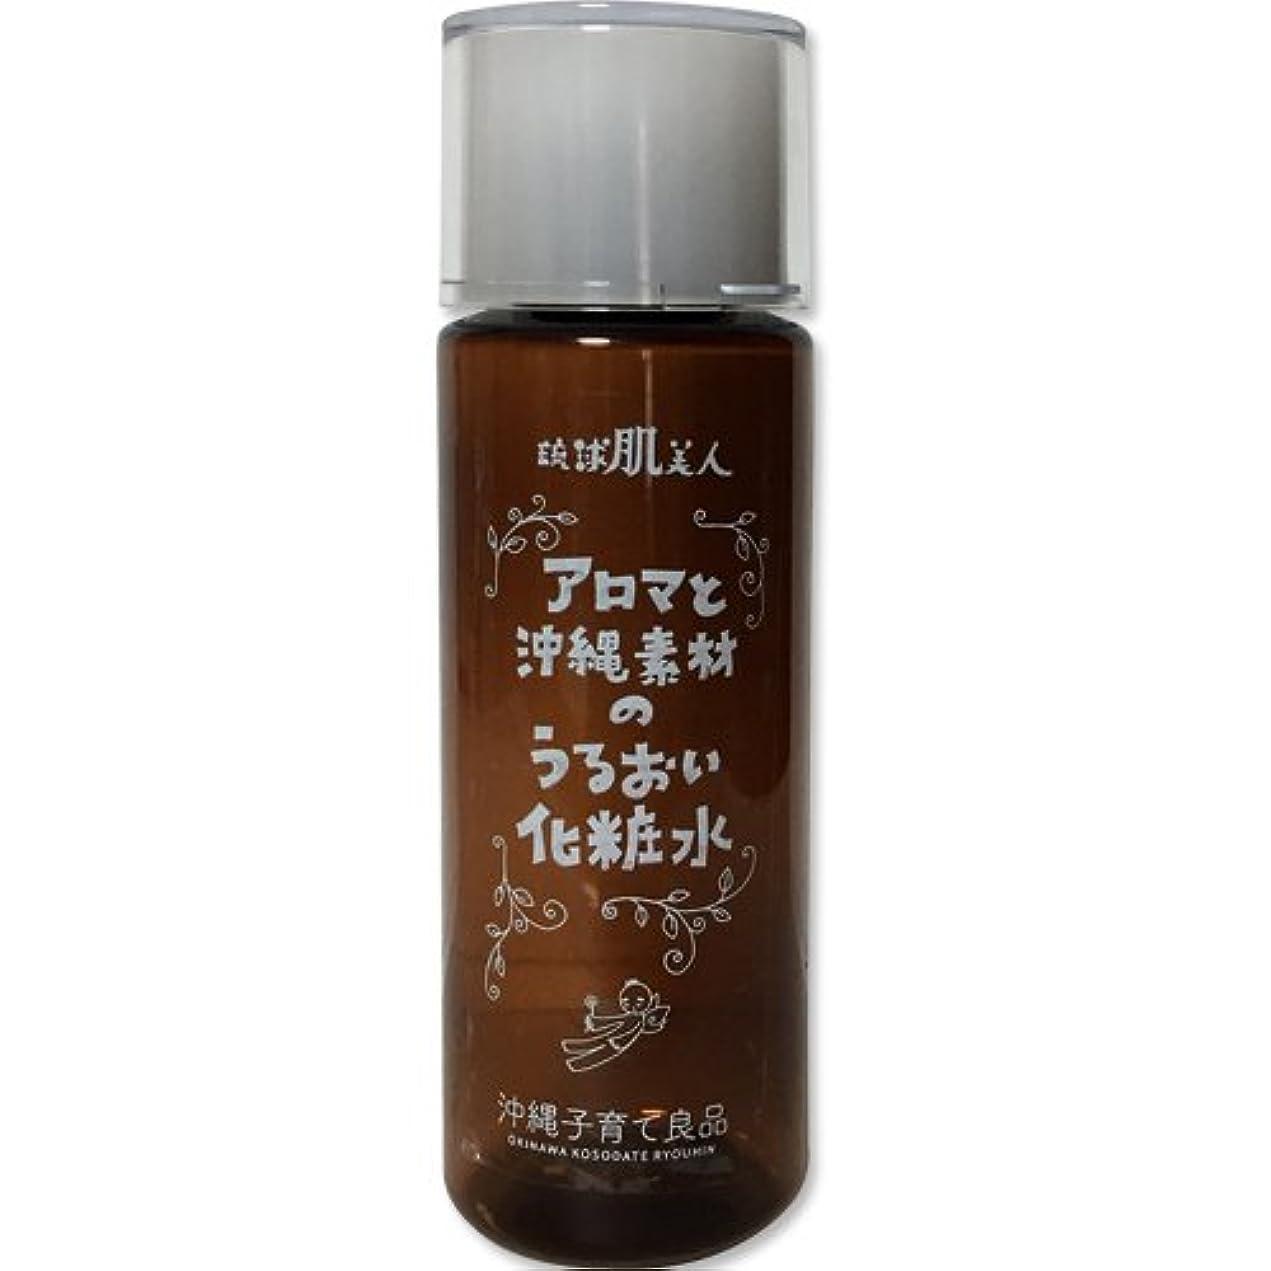 モンゴメリー大聖堂汚染する保湿 化粧水 無添加 アルコールフリー アロマと沖縄素材のうるおい化粧水 120ml